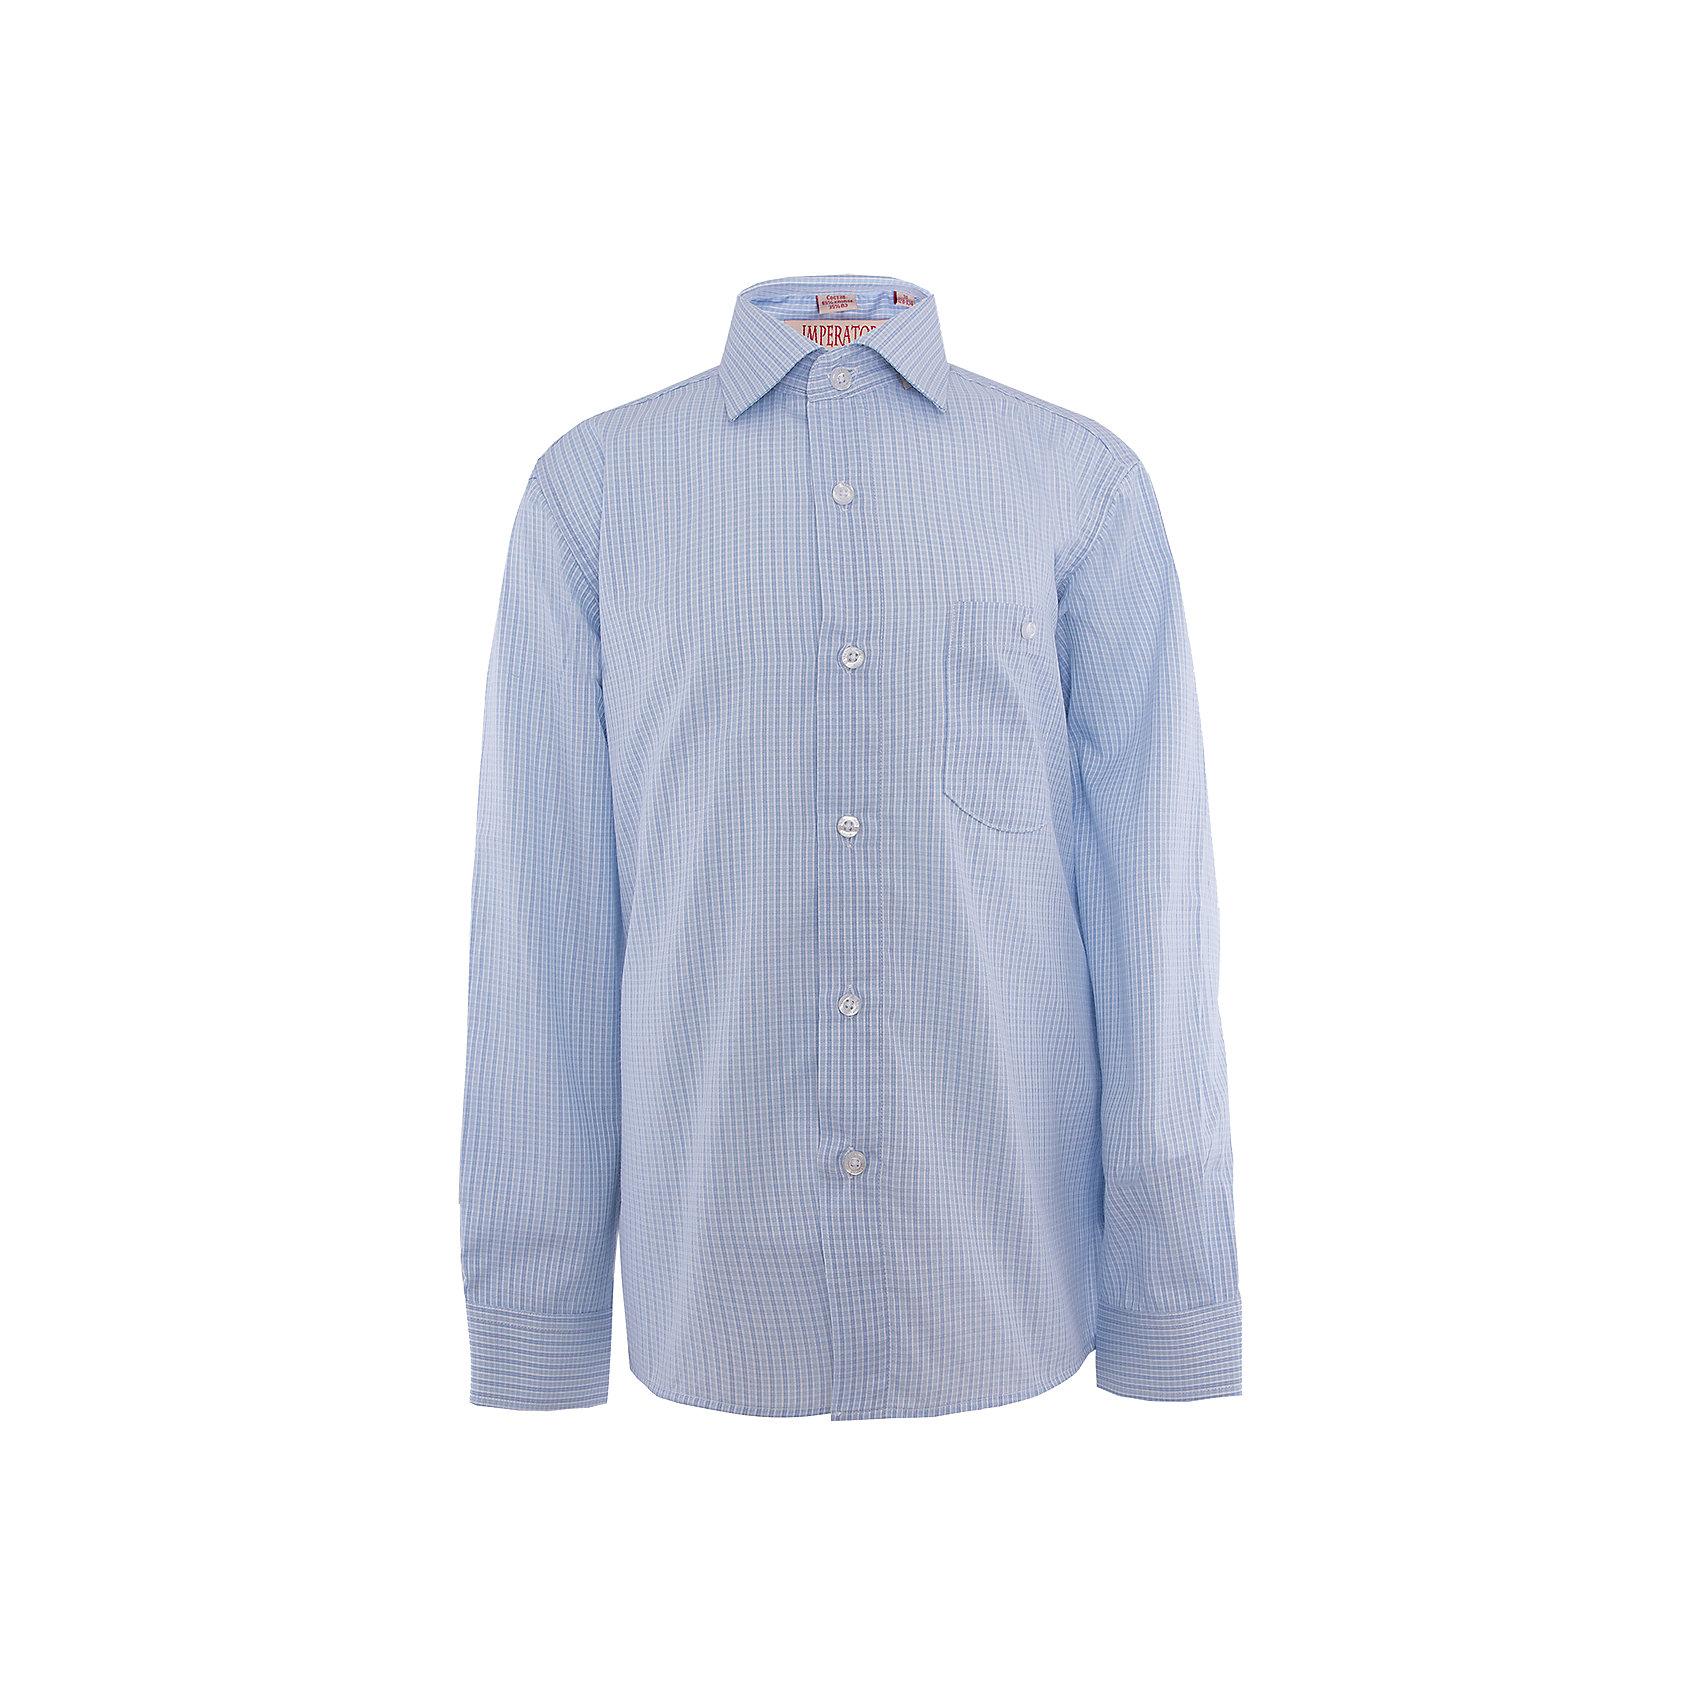 Рубашка для мальчика ImperatorБлузки и рубашки<br>Классическая рубашка - неотьемлемая вещь в гардеробе. Модель на пуговицах, с отложным воротником. Свободный покрой не стеснит движений и позволит чувствовать себя комфортно каждый день.  Состав 65 % хл. 35% П/Э<br><br>Ширина мм: 174<br>Глубина мм: 10<br>Высота мм: 169<br>Вес г: 157<br>Цвет: голубой<br>Возраст от месяцев: 120<br>Возраст до месяцев: 132<br>Пол: Мужской<br>Возраст: Детский<br>Размер: 140/146,164/170,122/128,128/134,134/140,146/152,152/158,152/158,158/164<br>SKU: 4749447